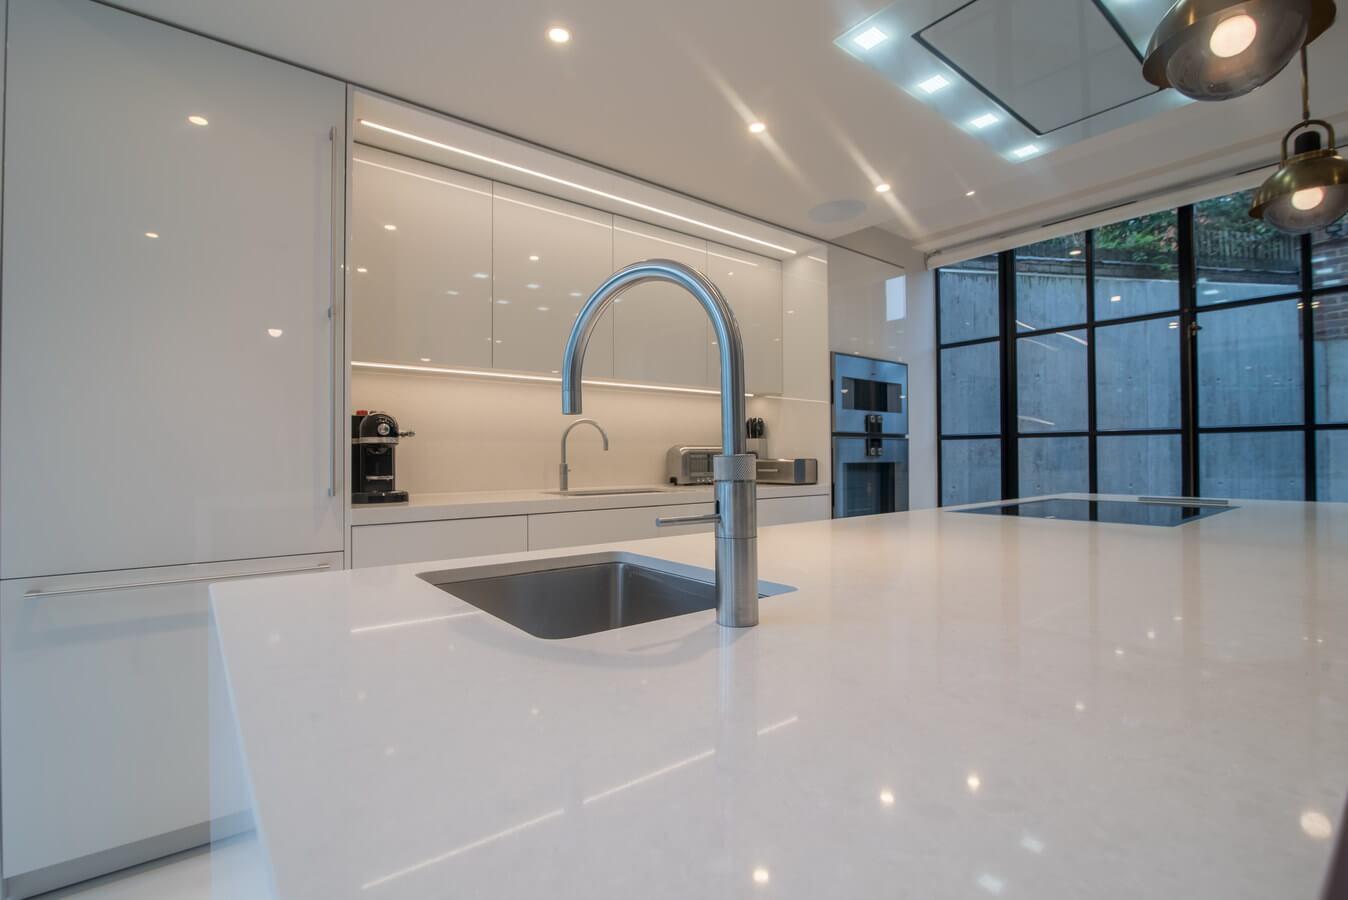 Kitchen-Sink-Quooker-Warendorf-North-West-London.jpg